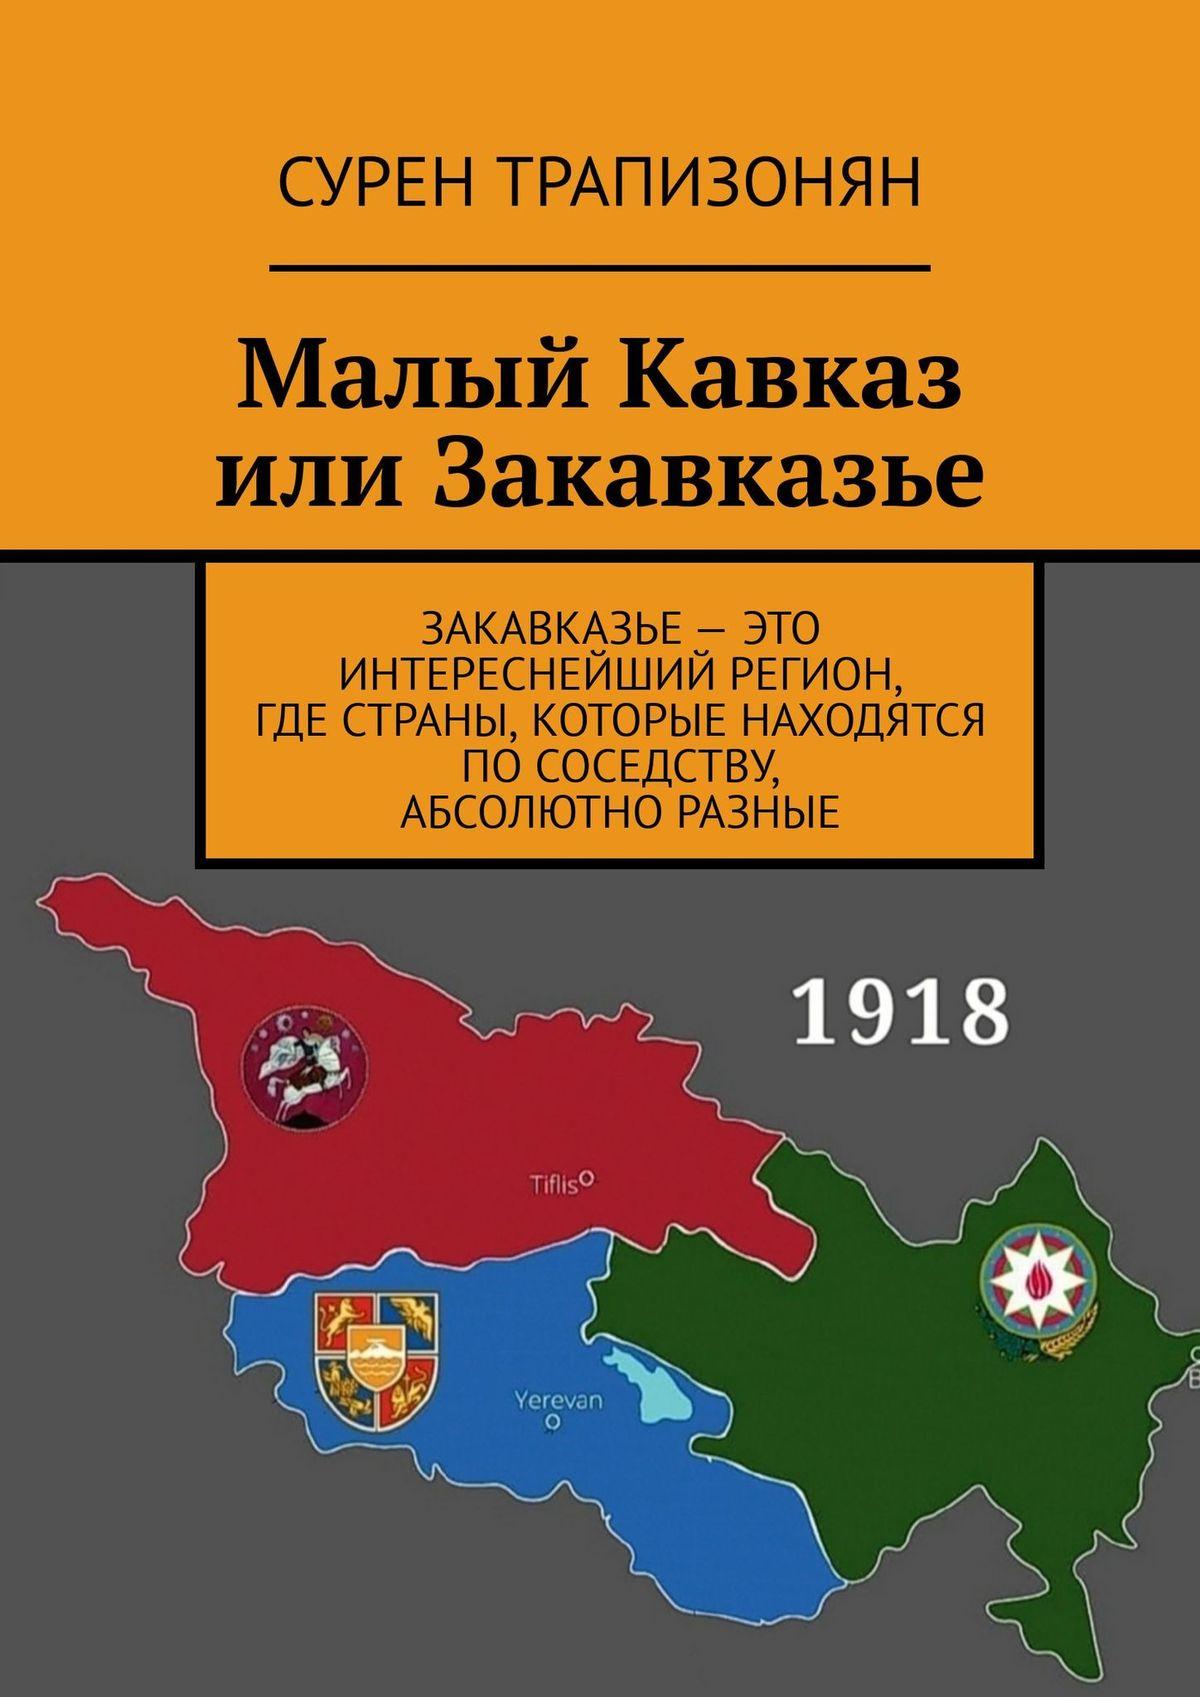 Малый Кавказ, или Закавказье